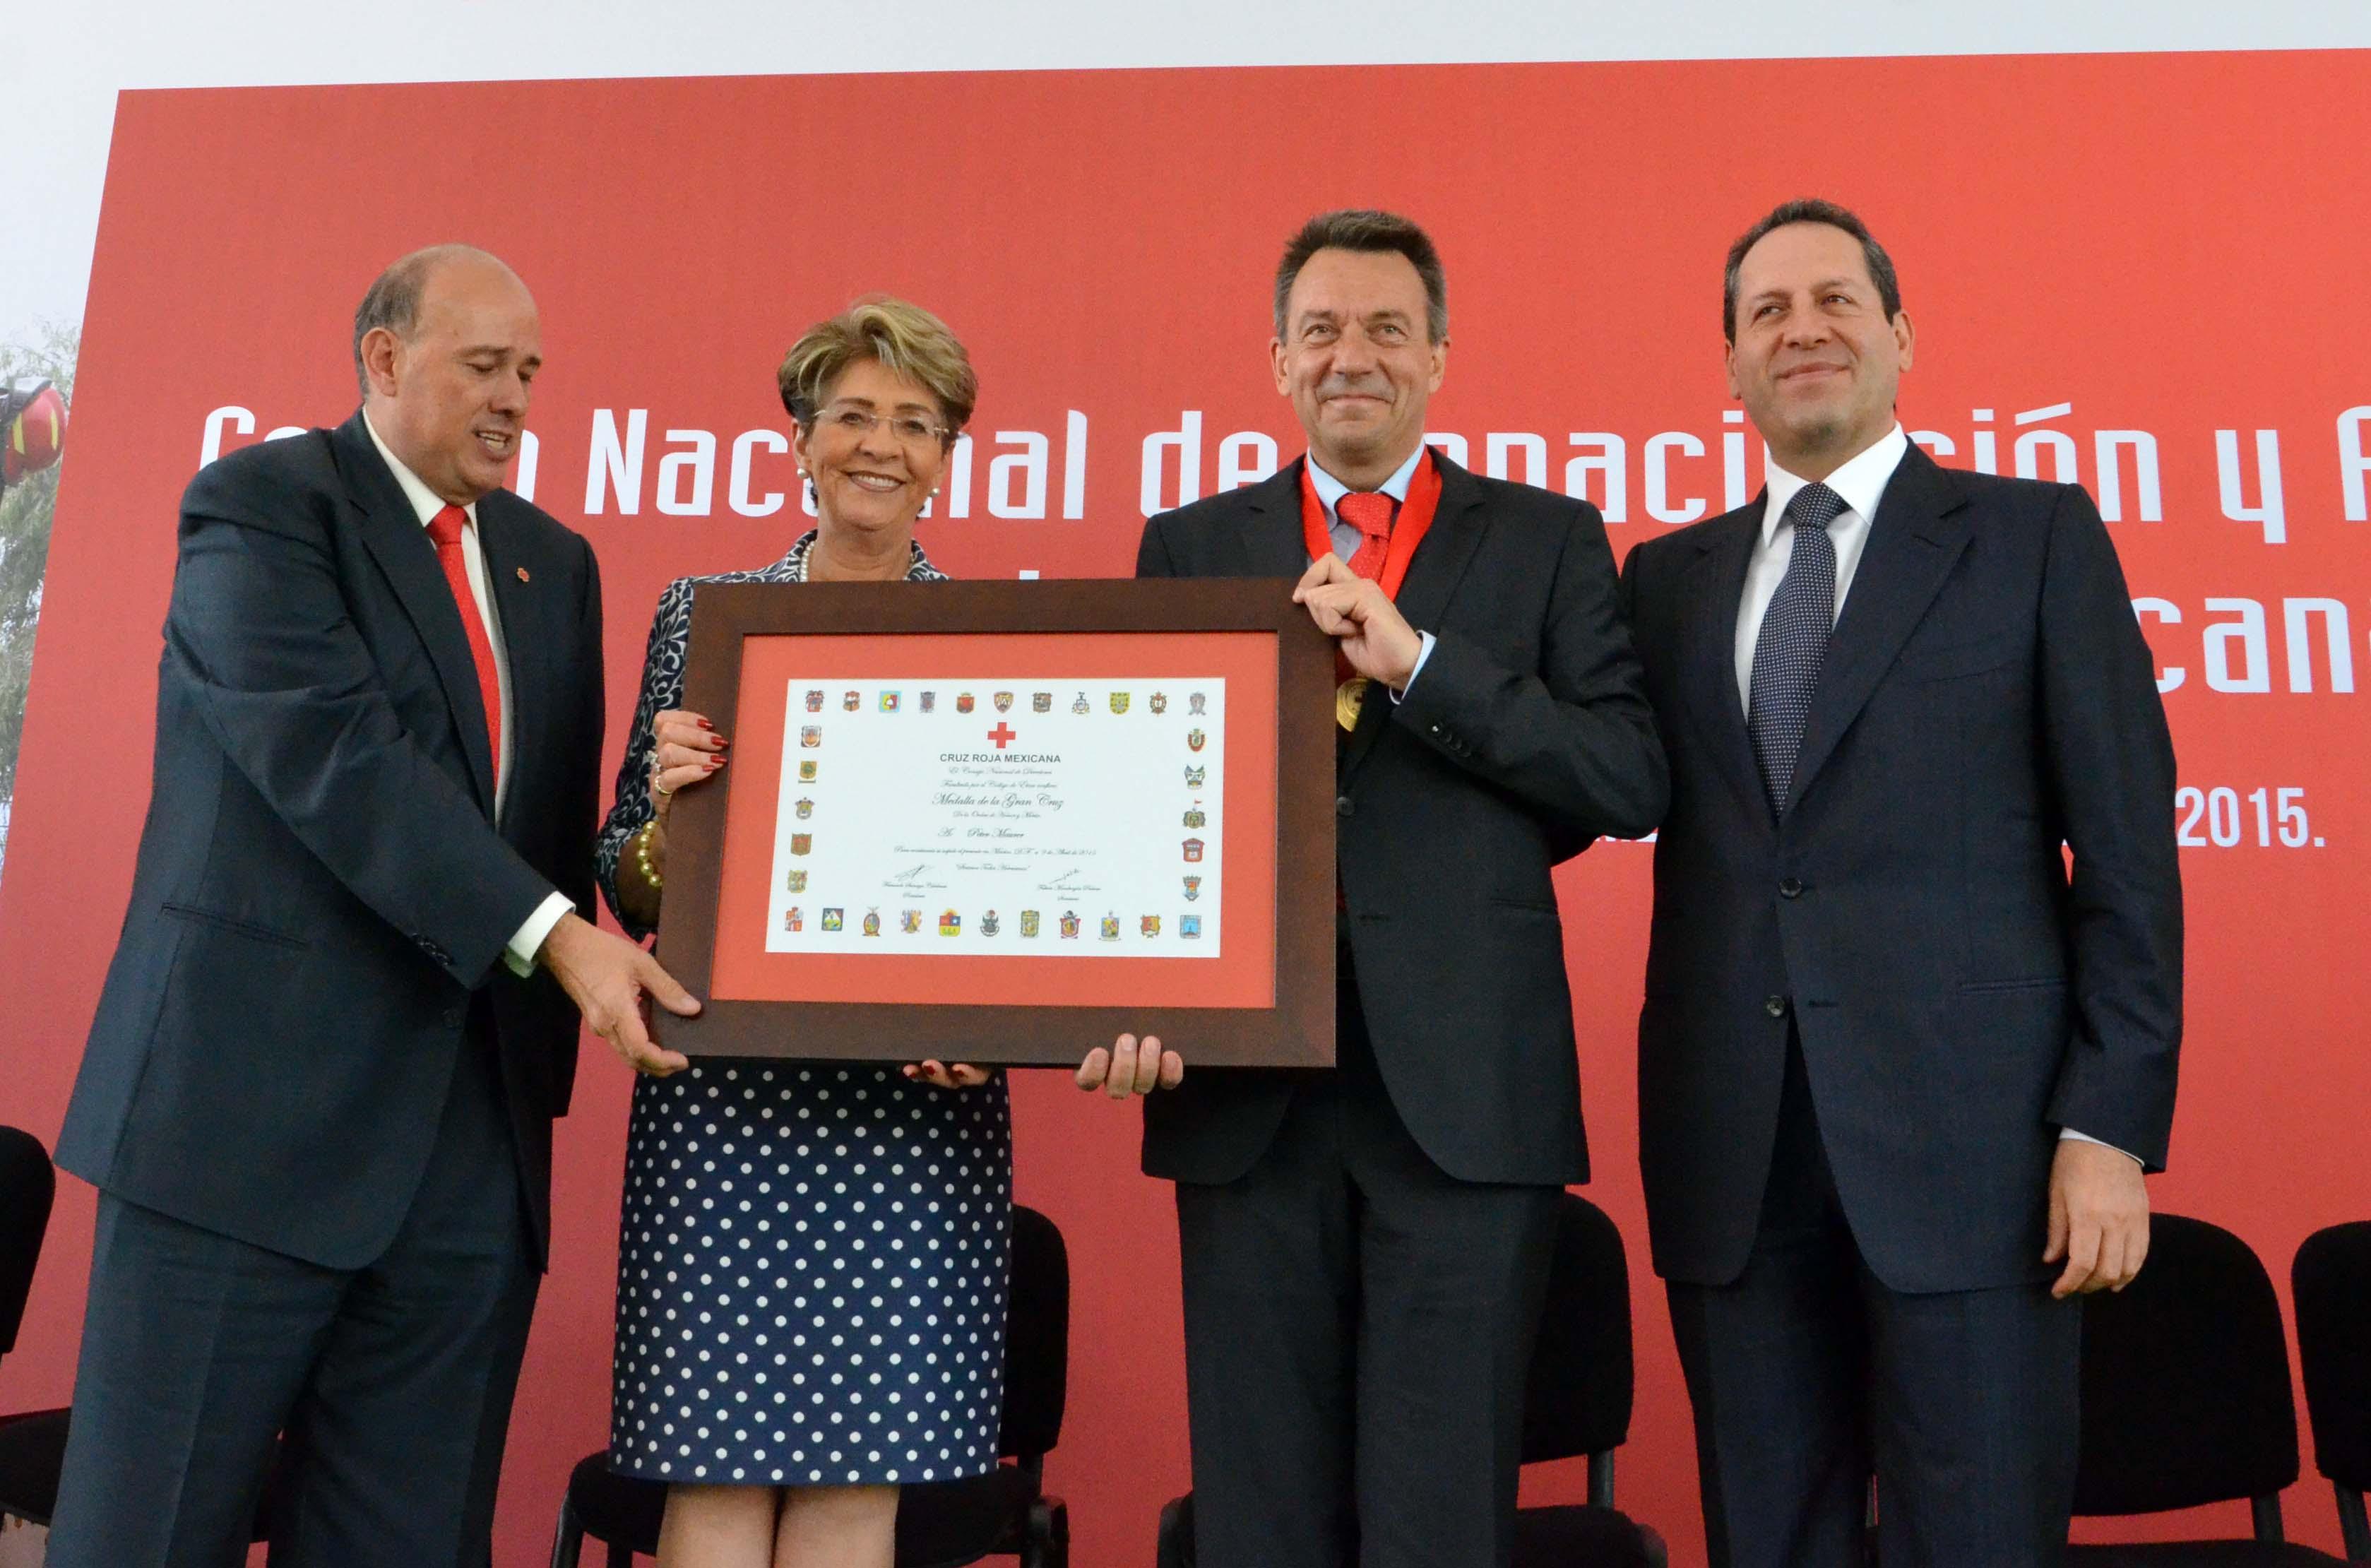 090415 105 Aniversario Cruz Roja 04jpg